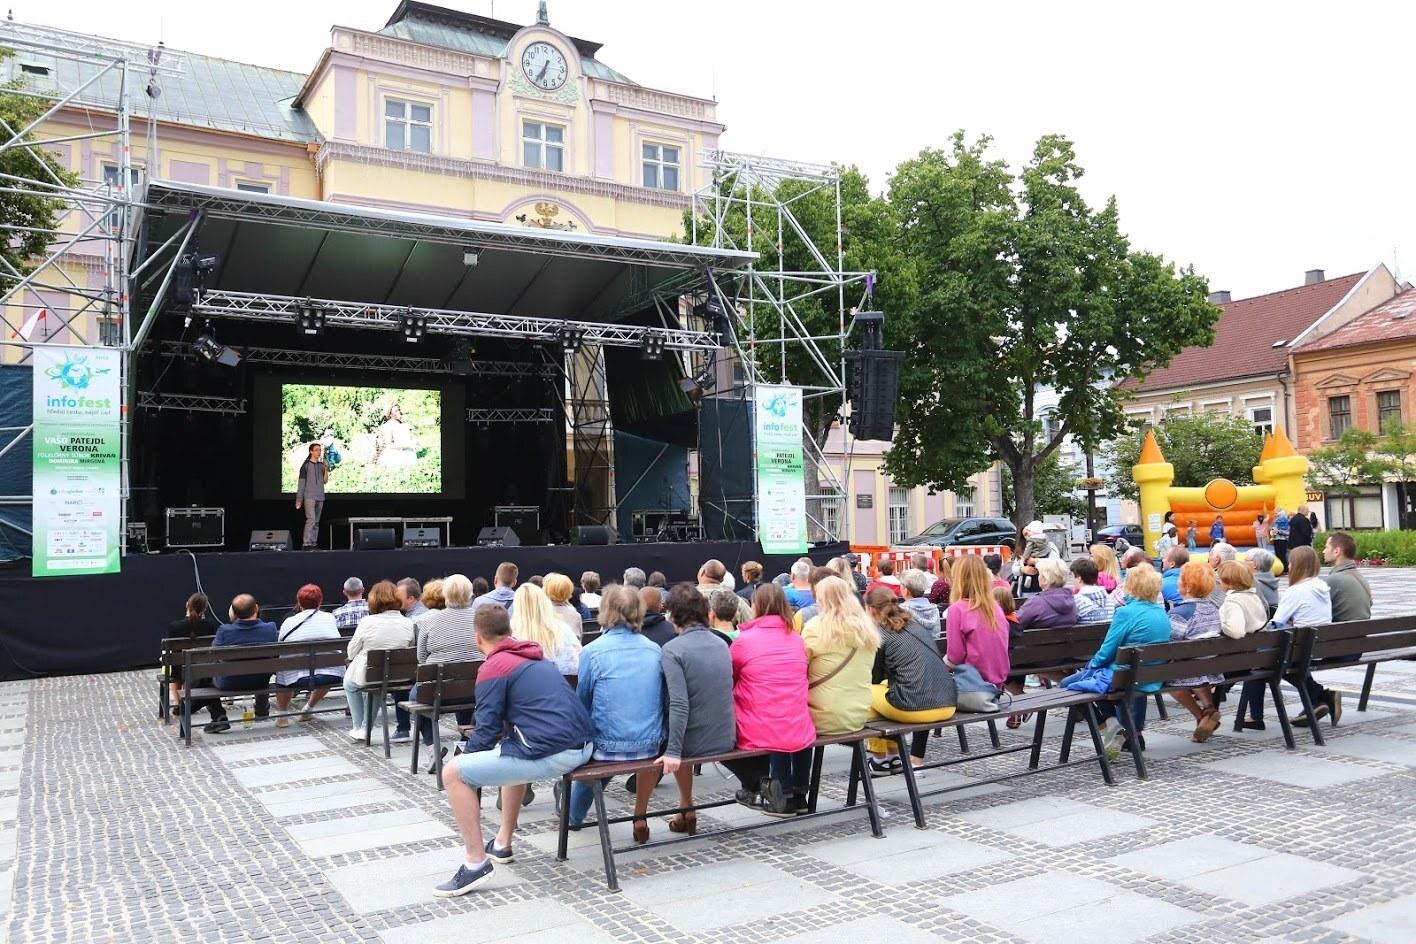 festival Infofest 2020